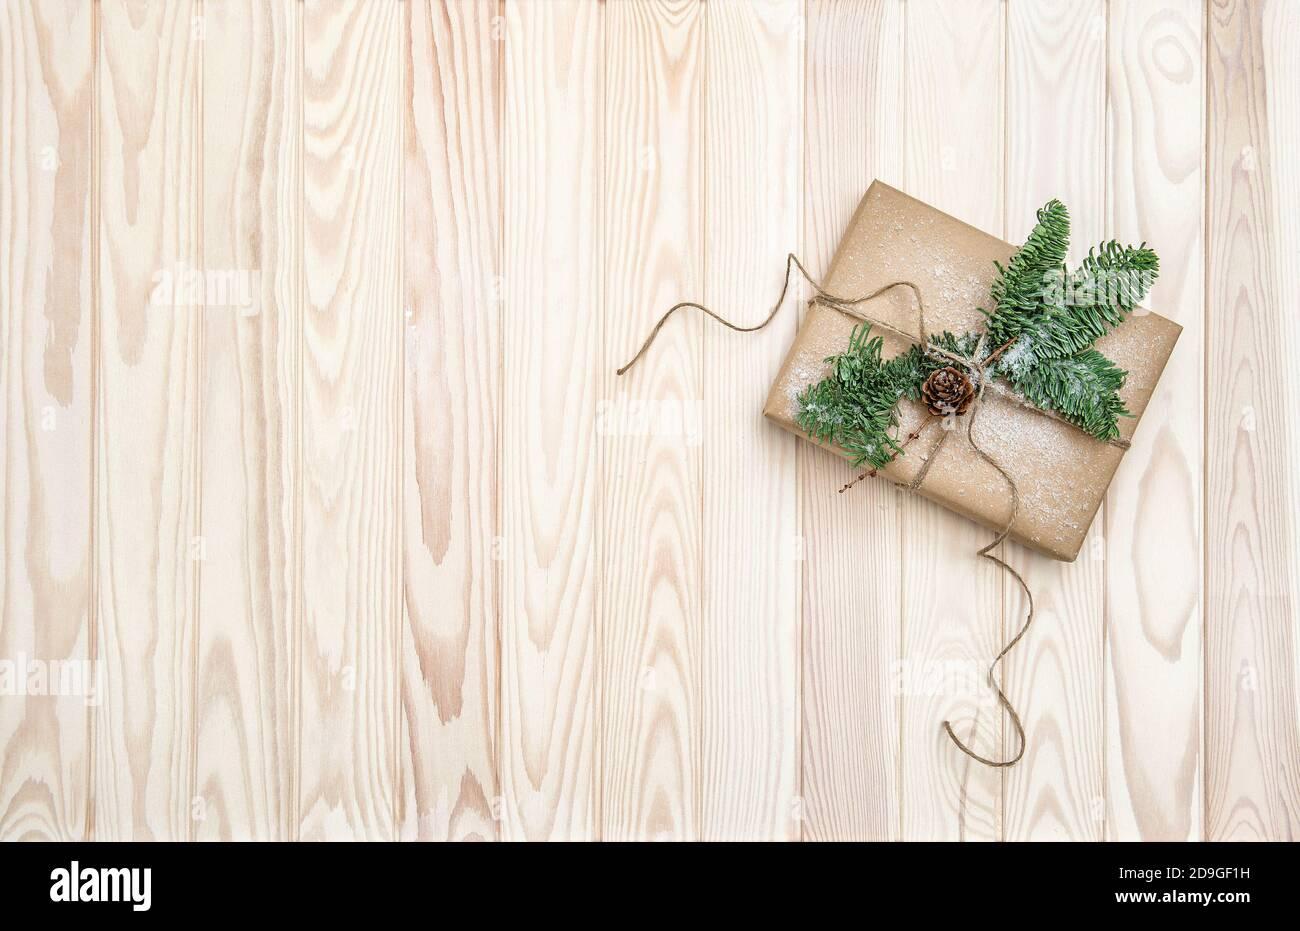 Décoration de Noël avec cadeau et branches en pin Banque D'Images